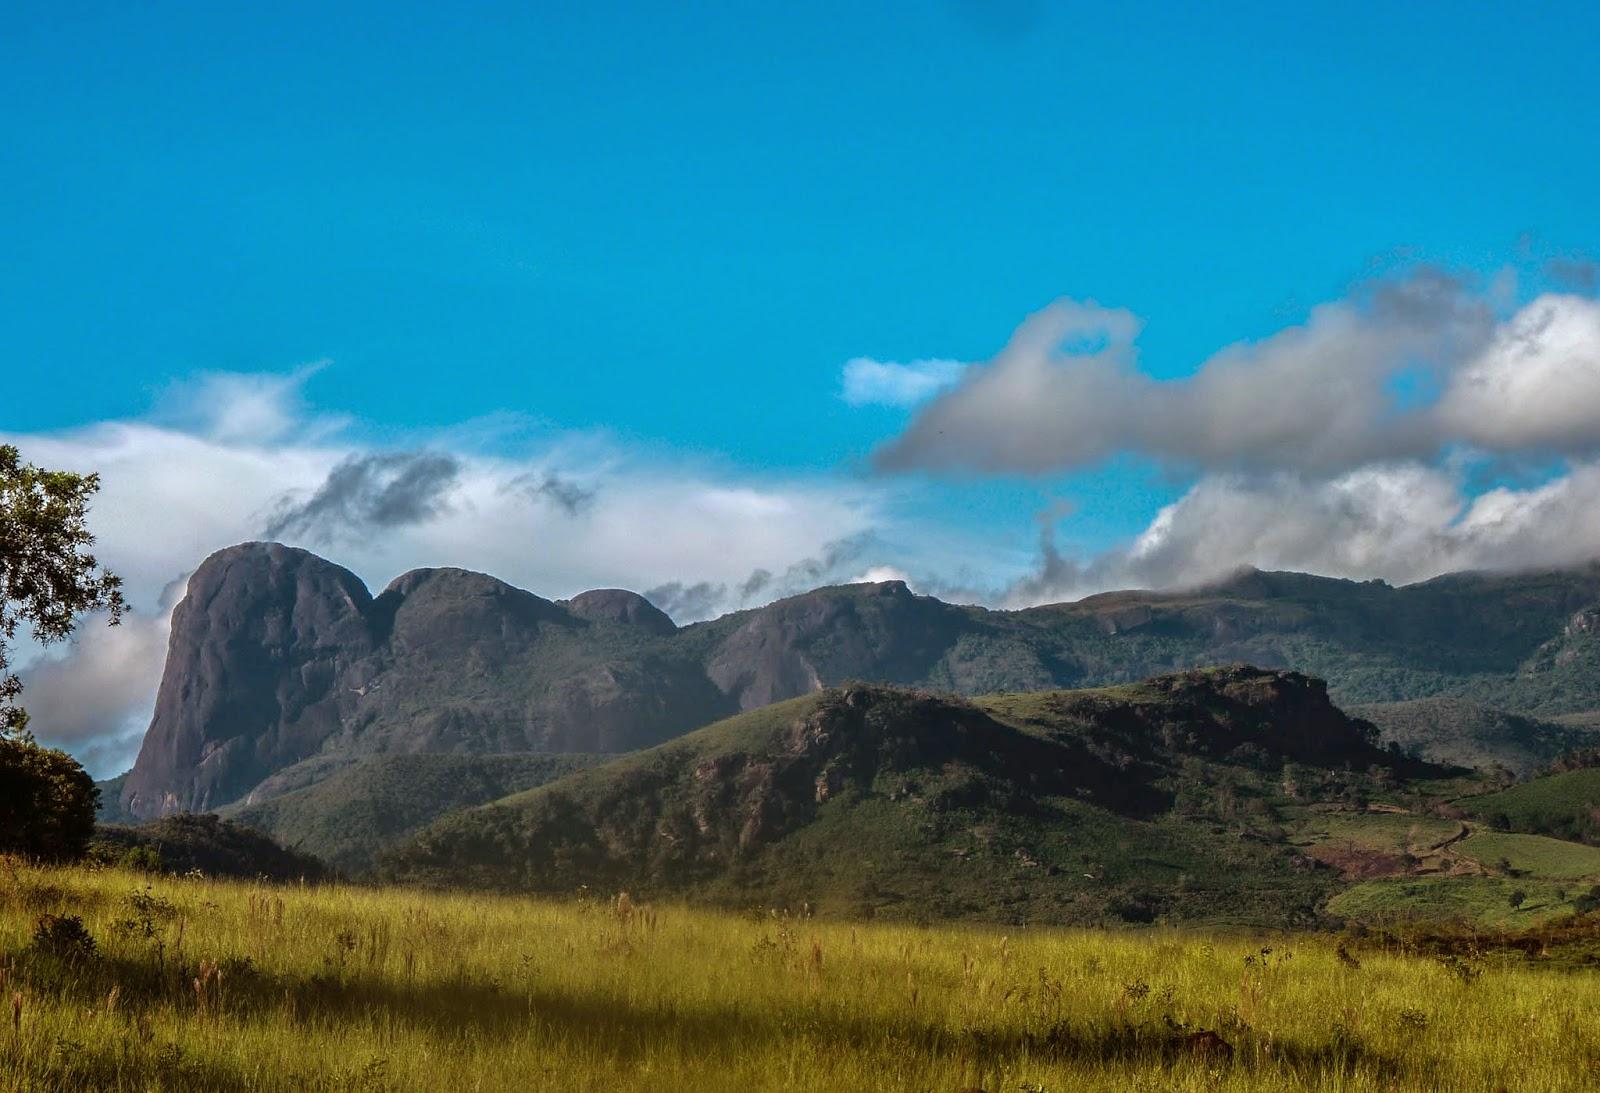 Natureza Adentro - Trilhas & Caminhadas: Aiuruoca - dia 3, por Rafael Guerra